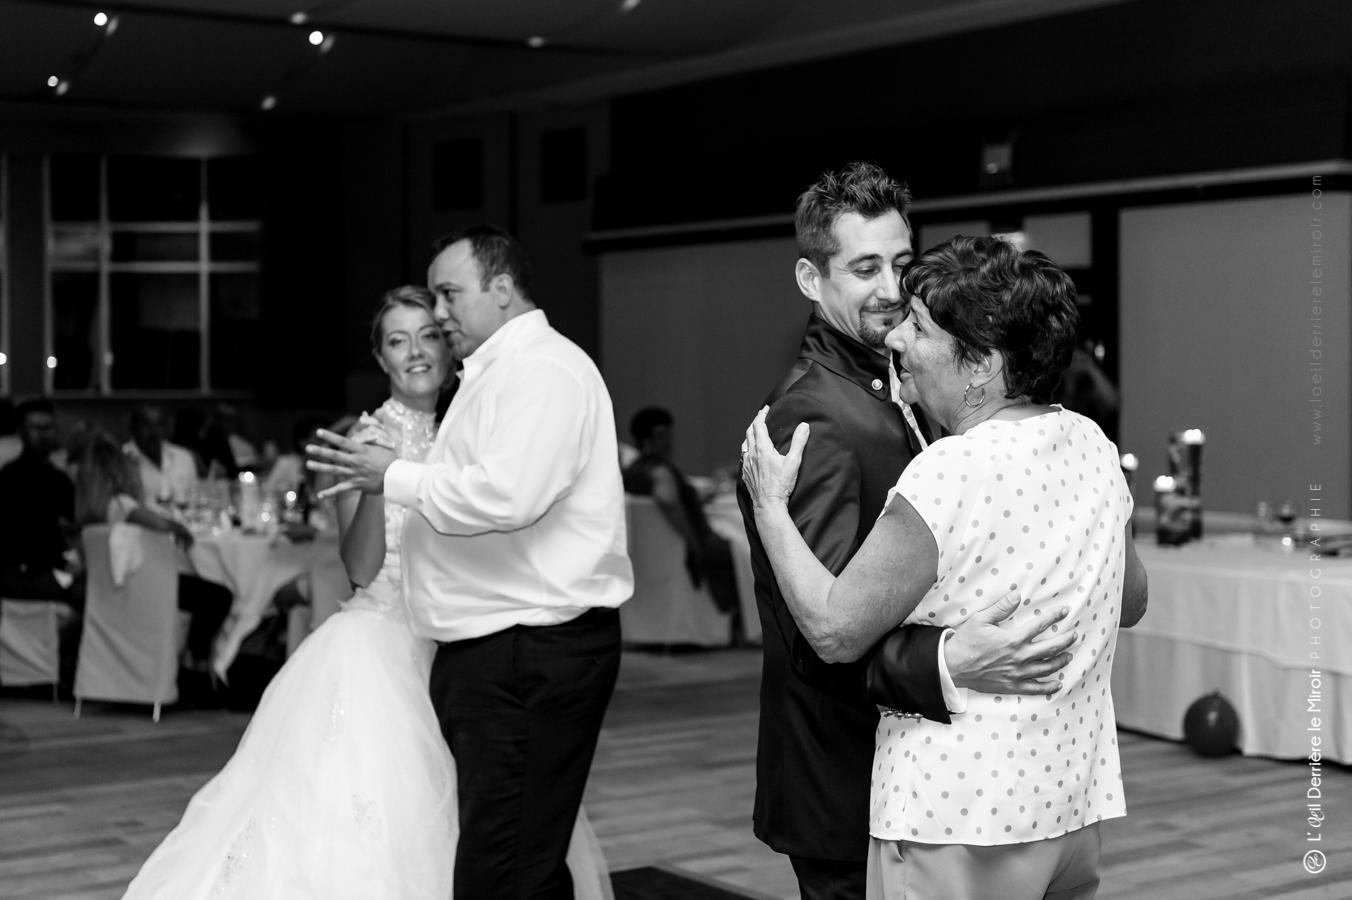 Photographe-mariage-monaco-loeilderrierelemiroir-102